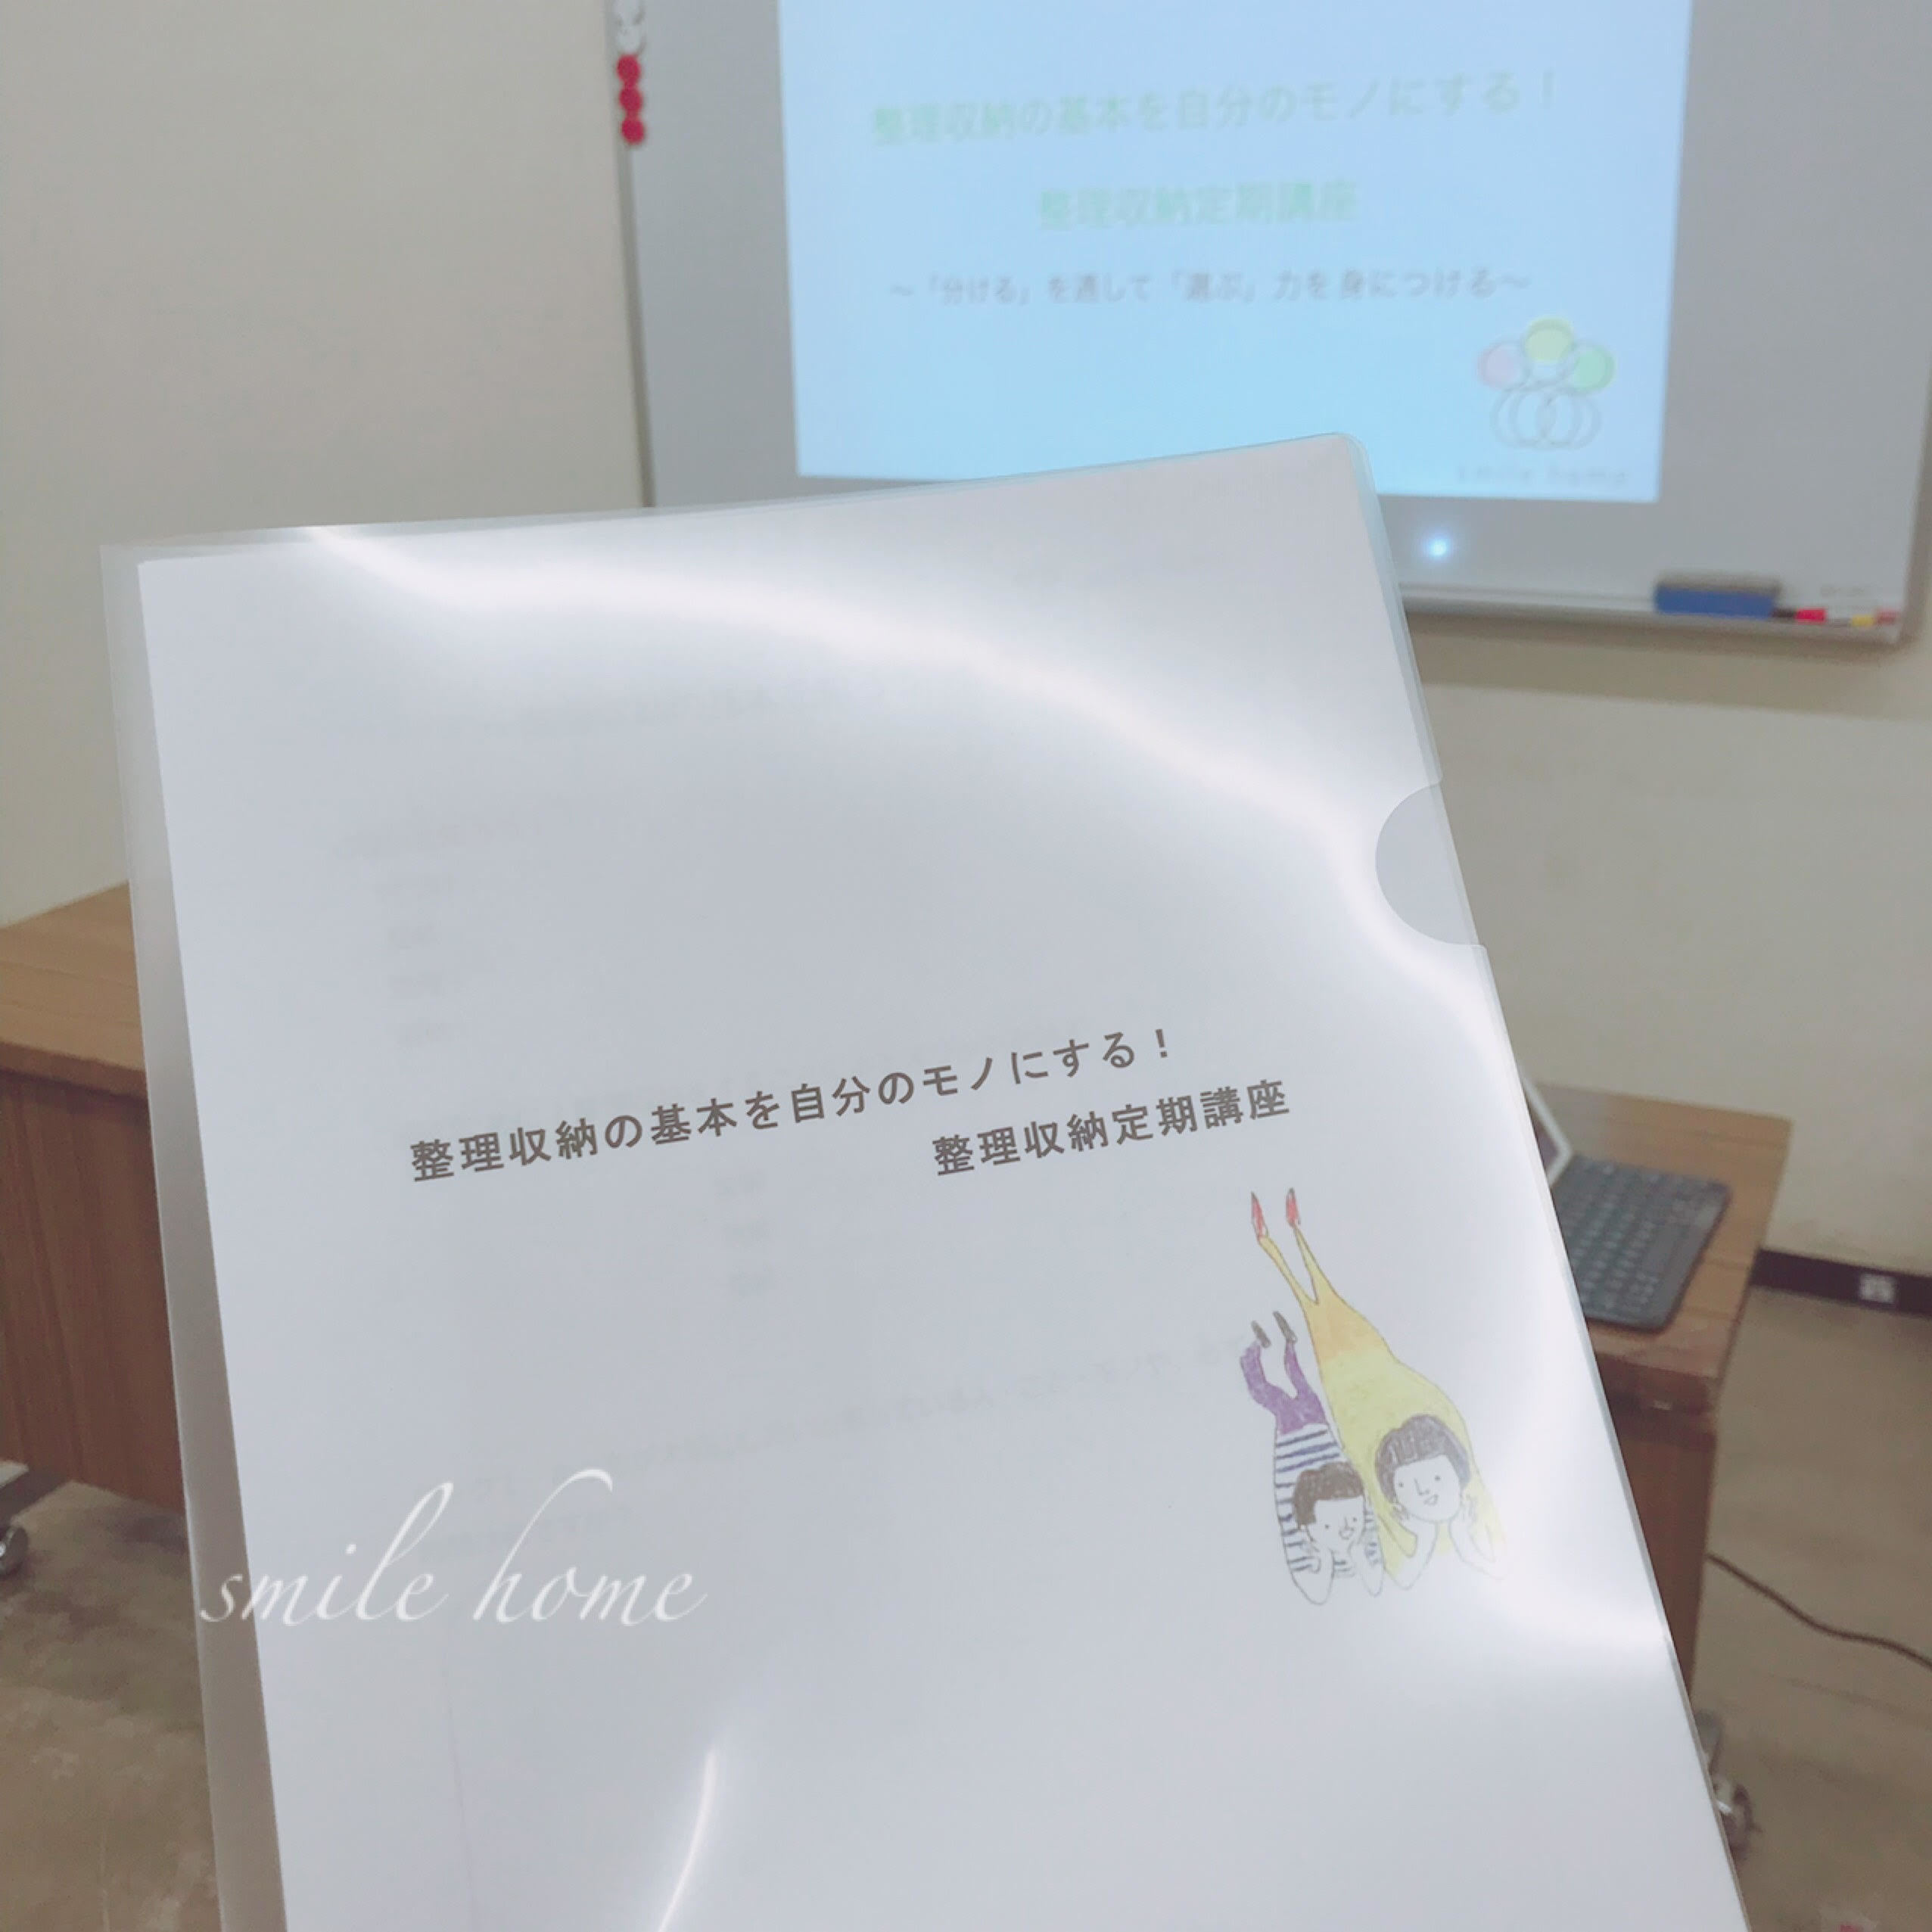 【定期講座】定期講座5期がスタート_e0303386_11123976.jpg